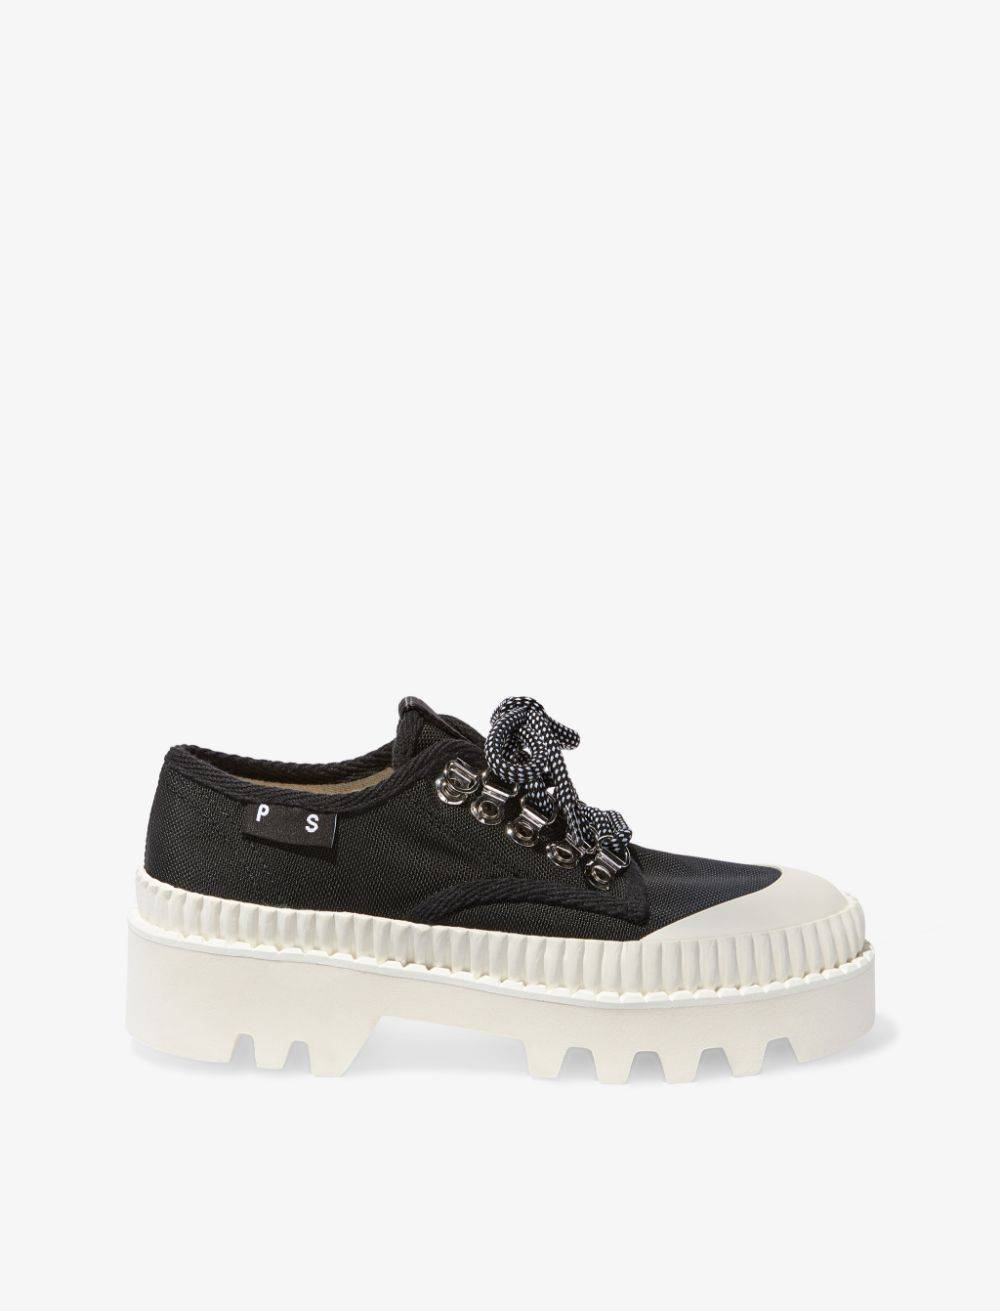 Proenza Schouler City Lug Sole Shoes black 35